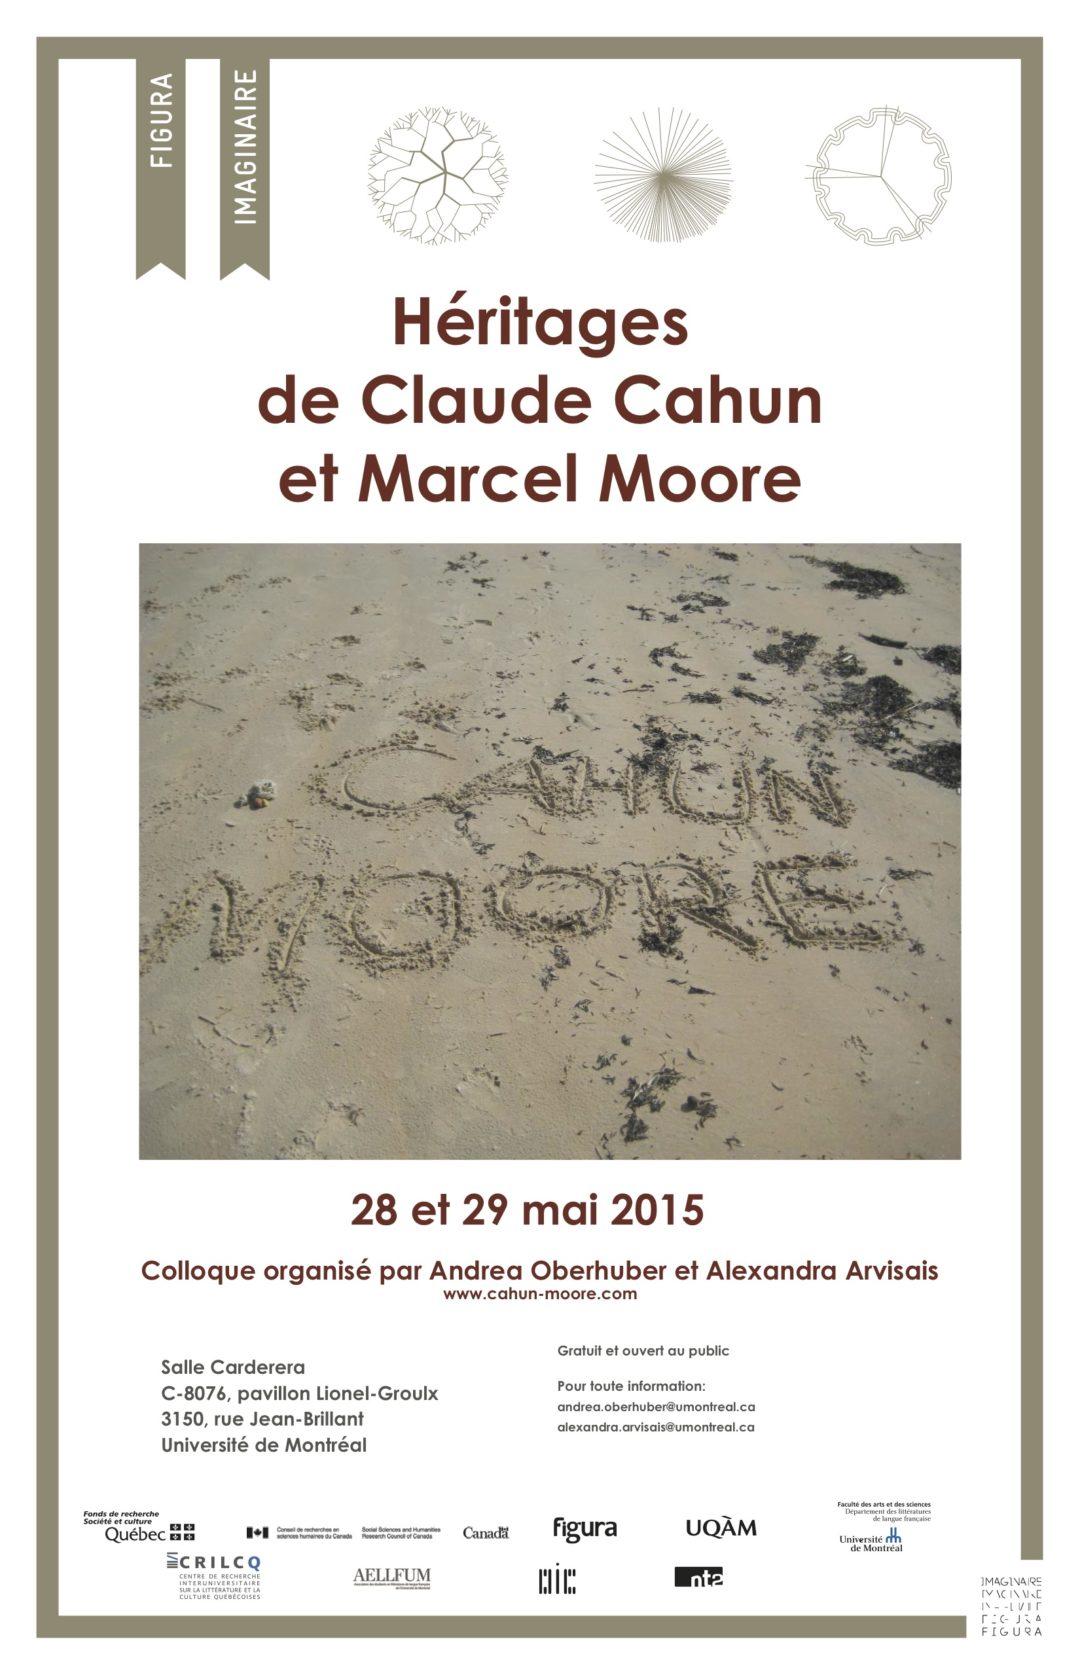 Colloque 2015: Héritages de Claude Cahun et Marcel Moore